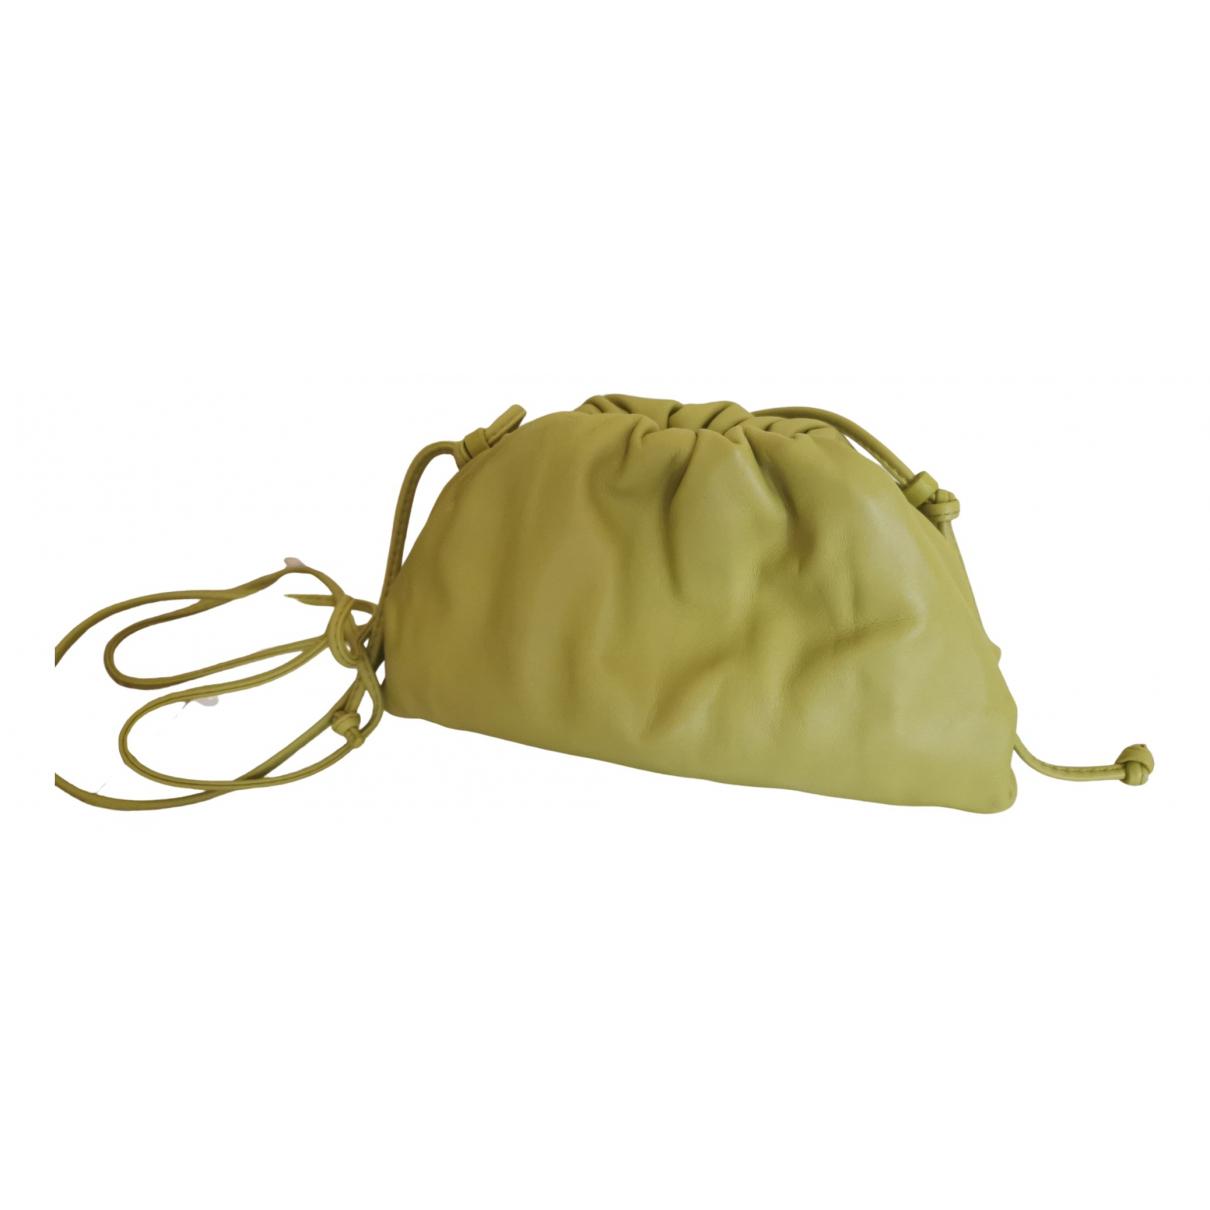 Bottega Veneta - Sac a main Pouch pour femme en cuir - jaune